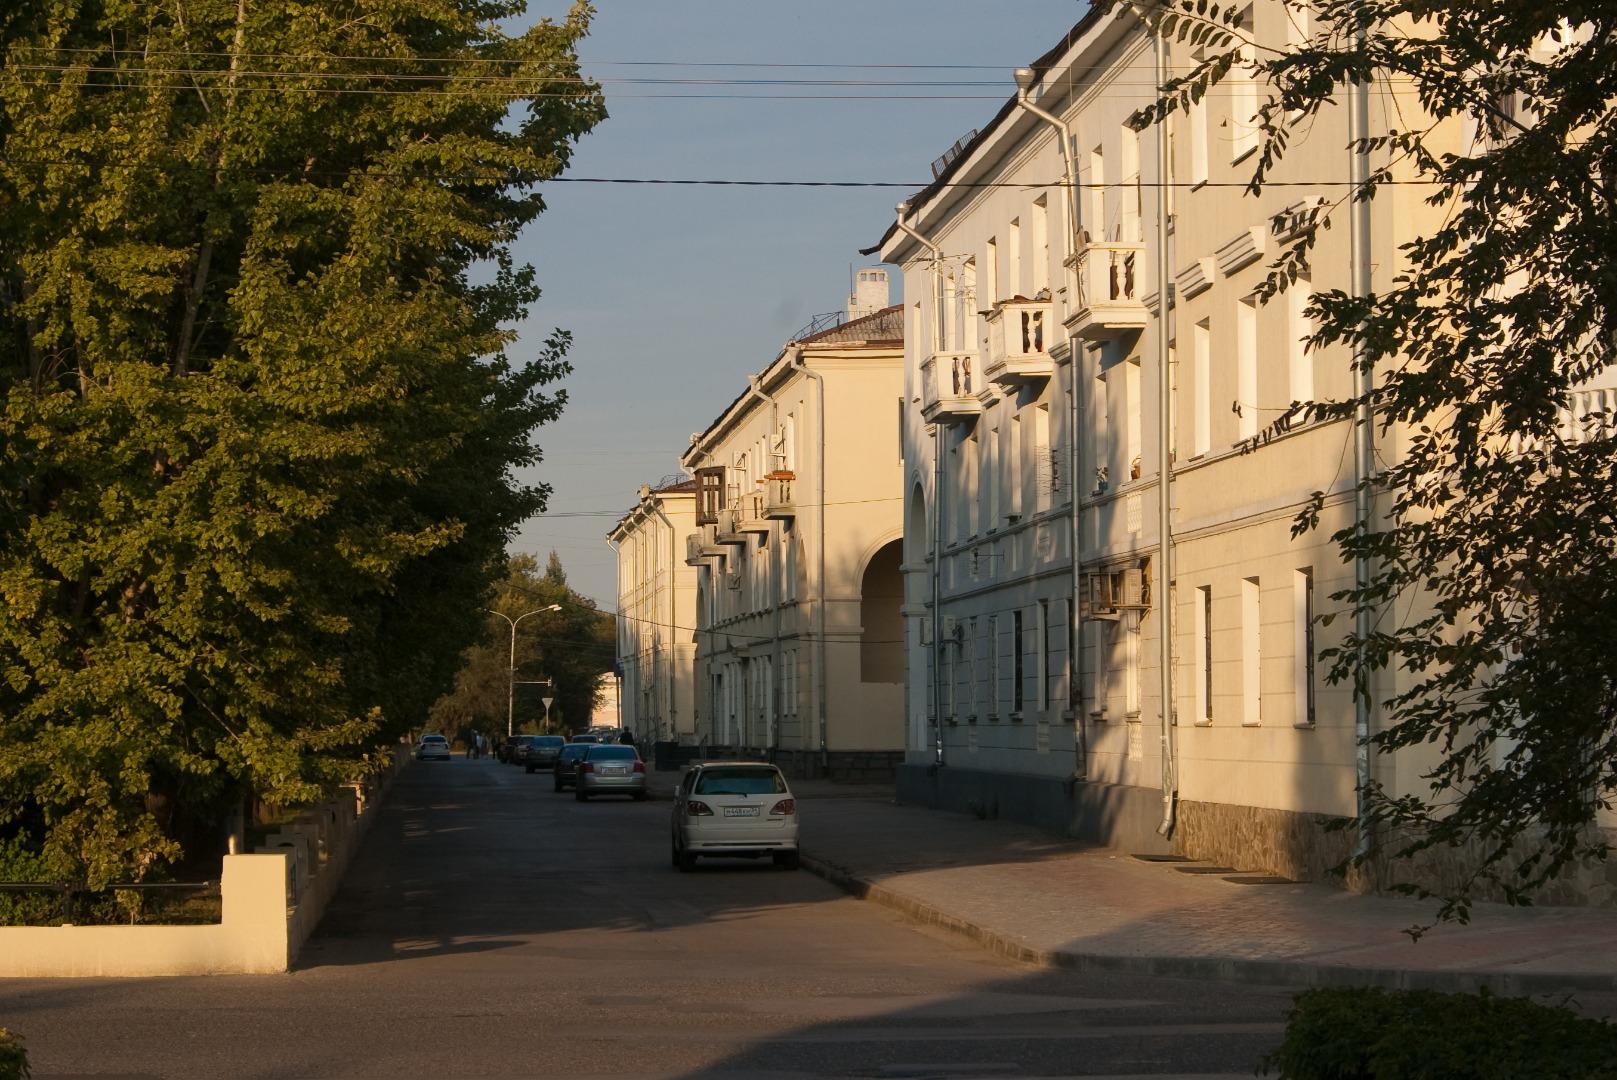 Улица Фонтанная, Волжский